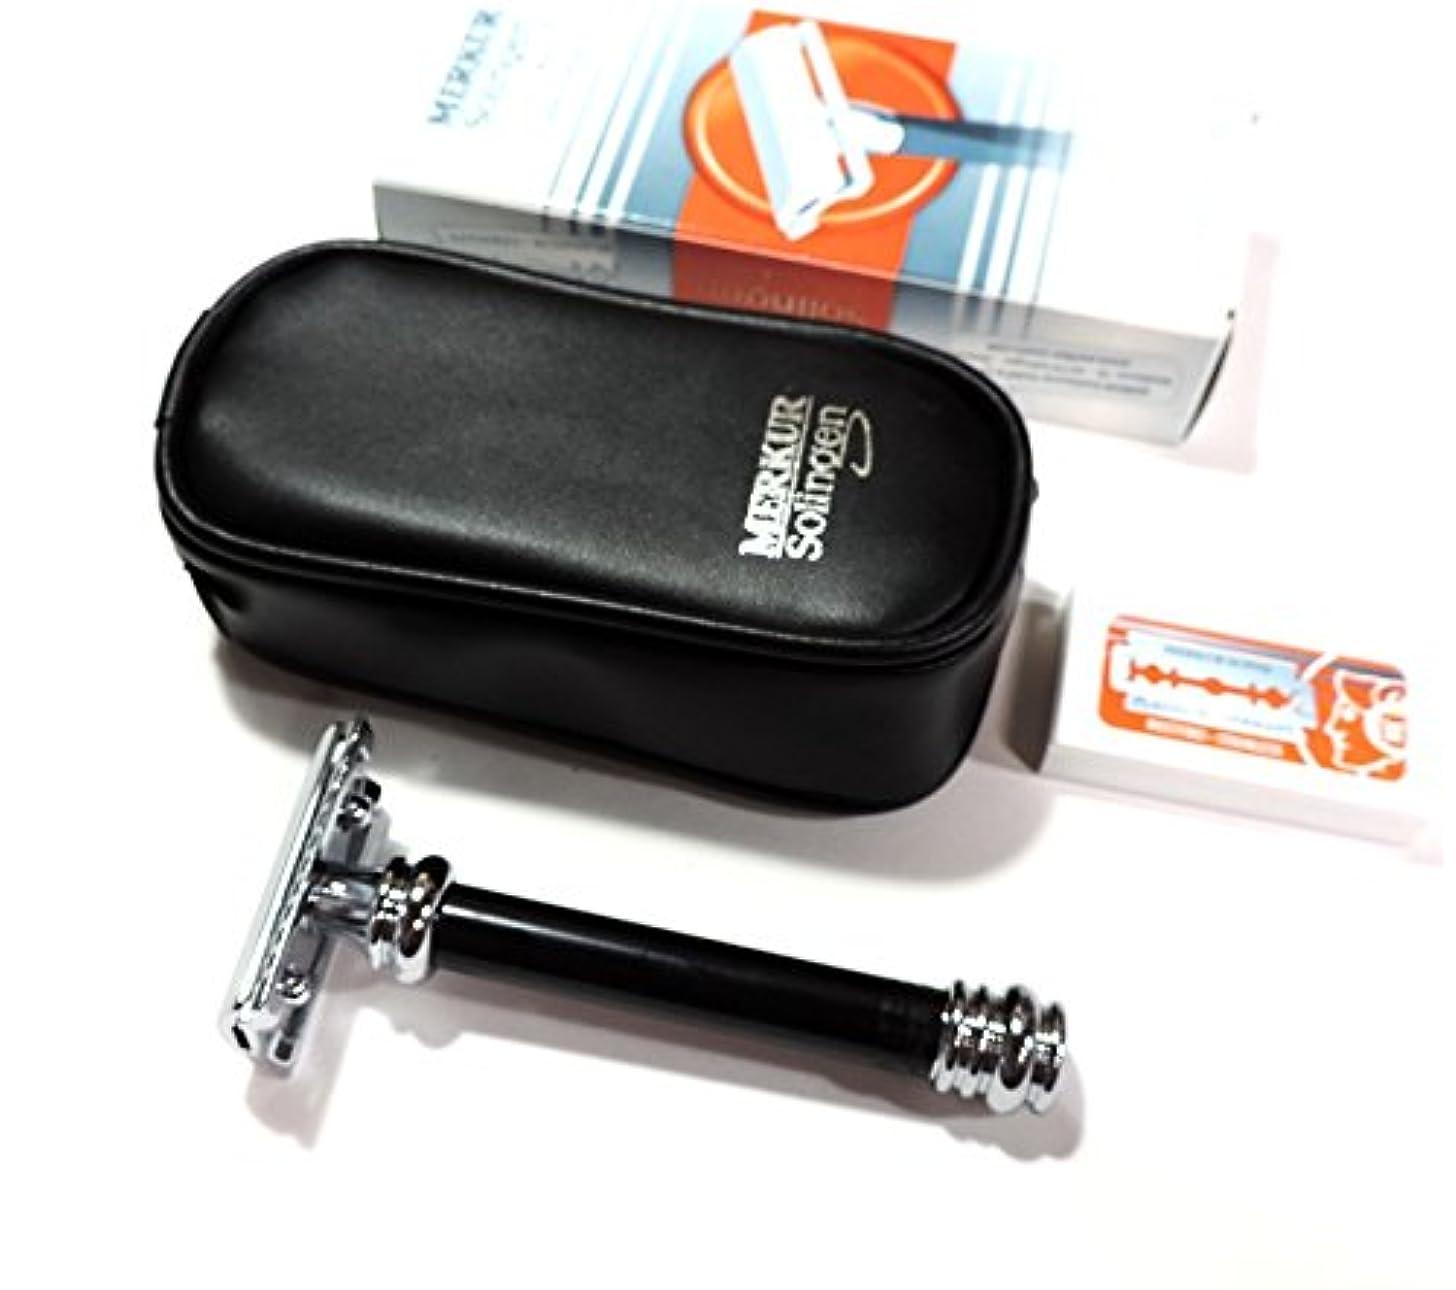 助けて行く袋ゾーリンゲン メルクール髭剃り(ひげそり)両刃ホルダー38011 ブラックハンドル 革ポーチ付 替刃10枚付